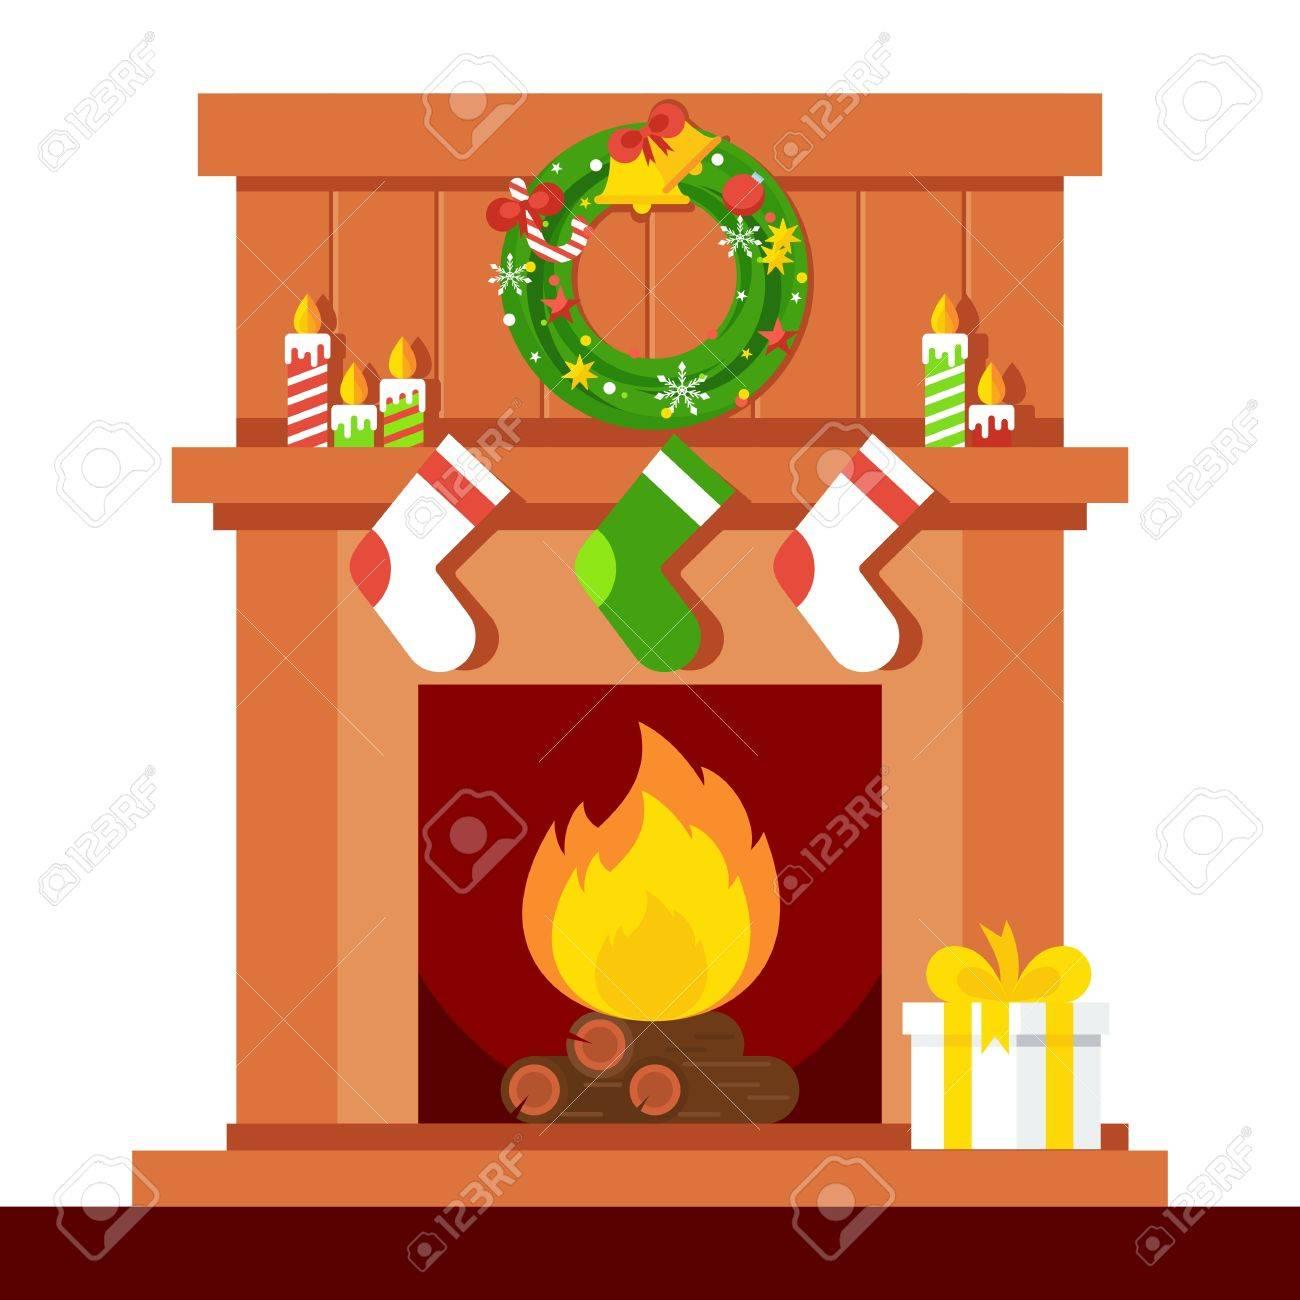 Dibujos Chimeneas De Navidad.Chimenea De Navidad Navidad Y Fuego Decoracion Del Hogar Interior Para La Celebracion Ilustracion De Dibujos Animados Plana Objetos Aislados En Un